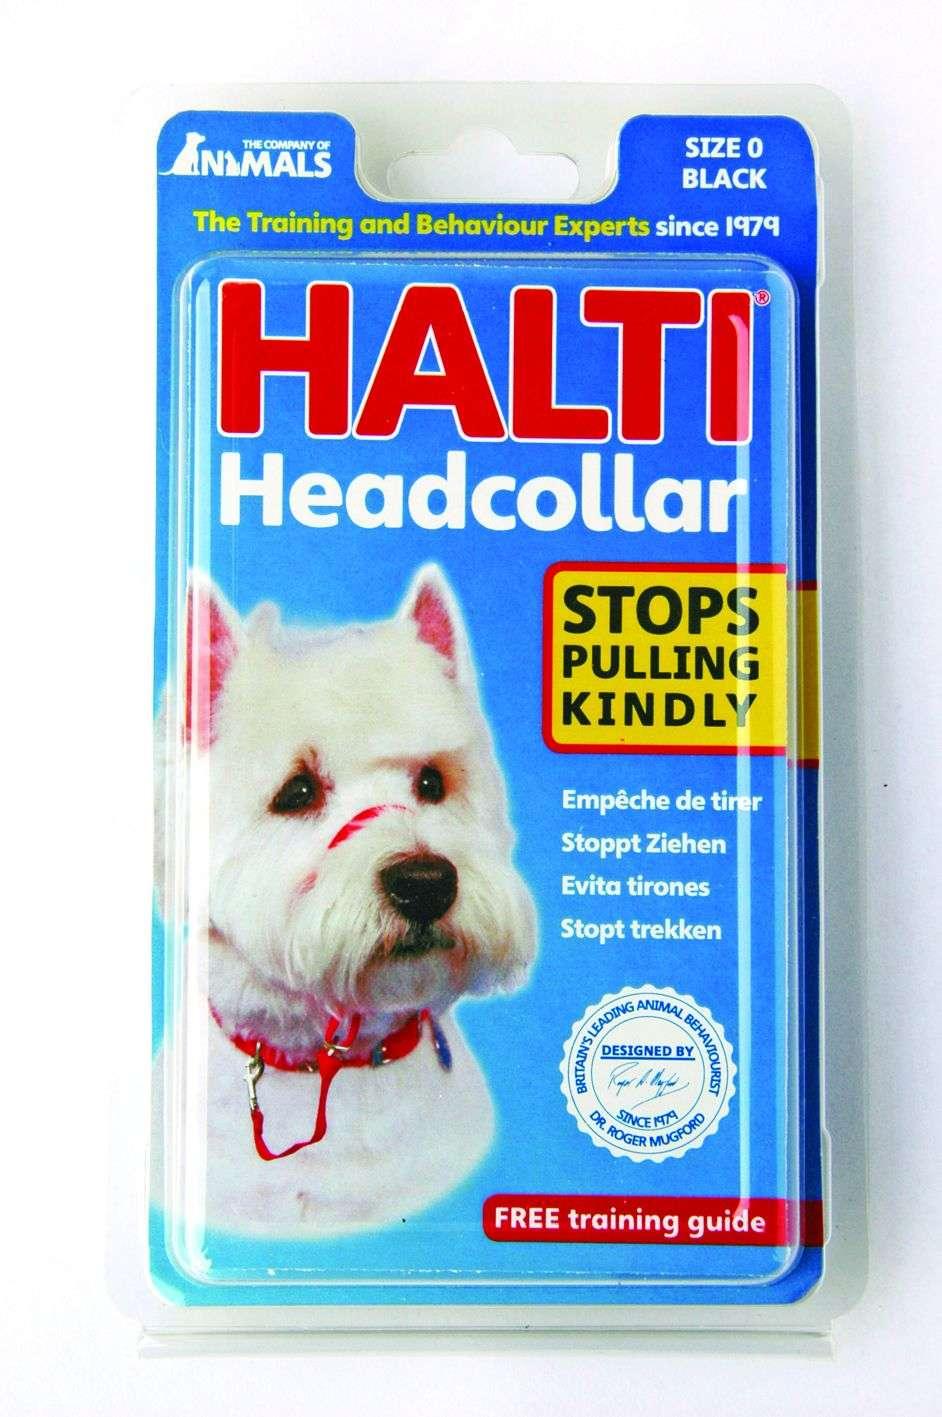 HH012 HALTI Headcollar size 0 - BLACK